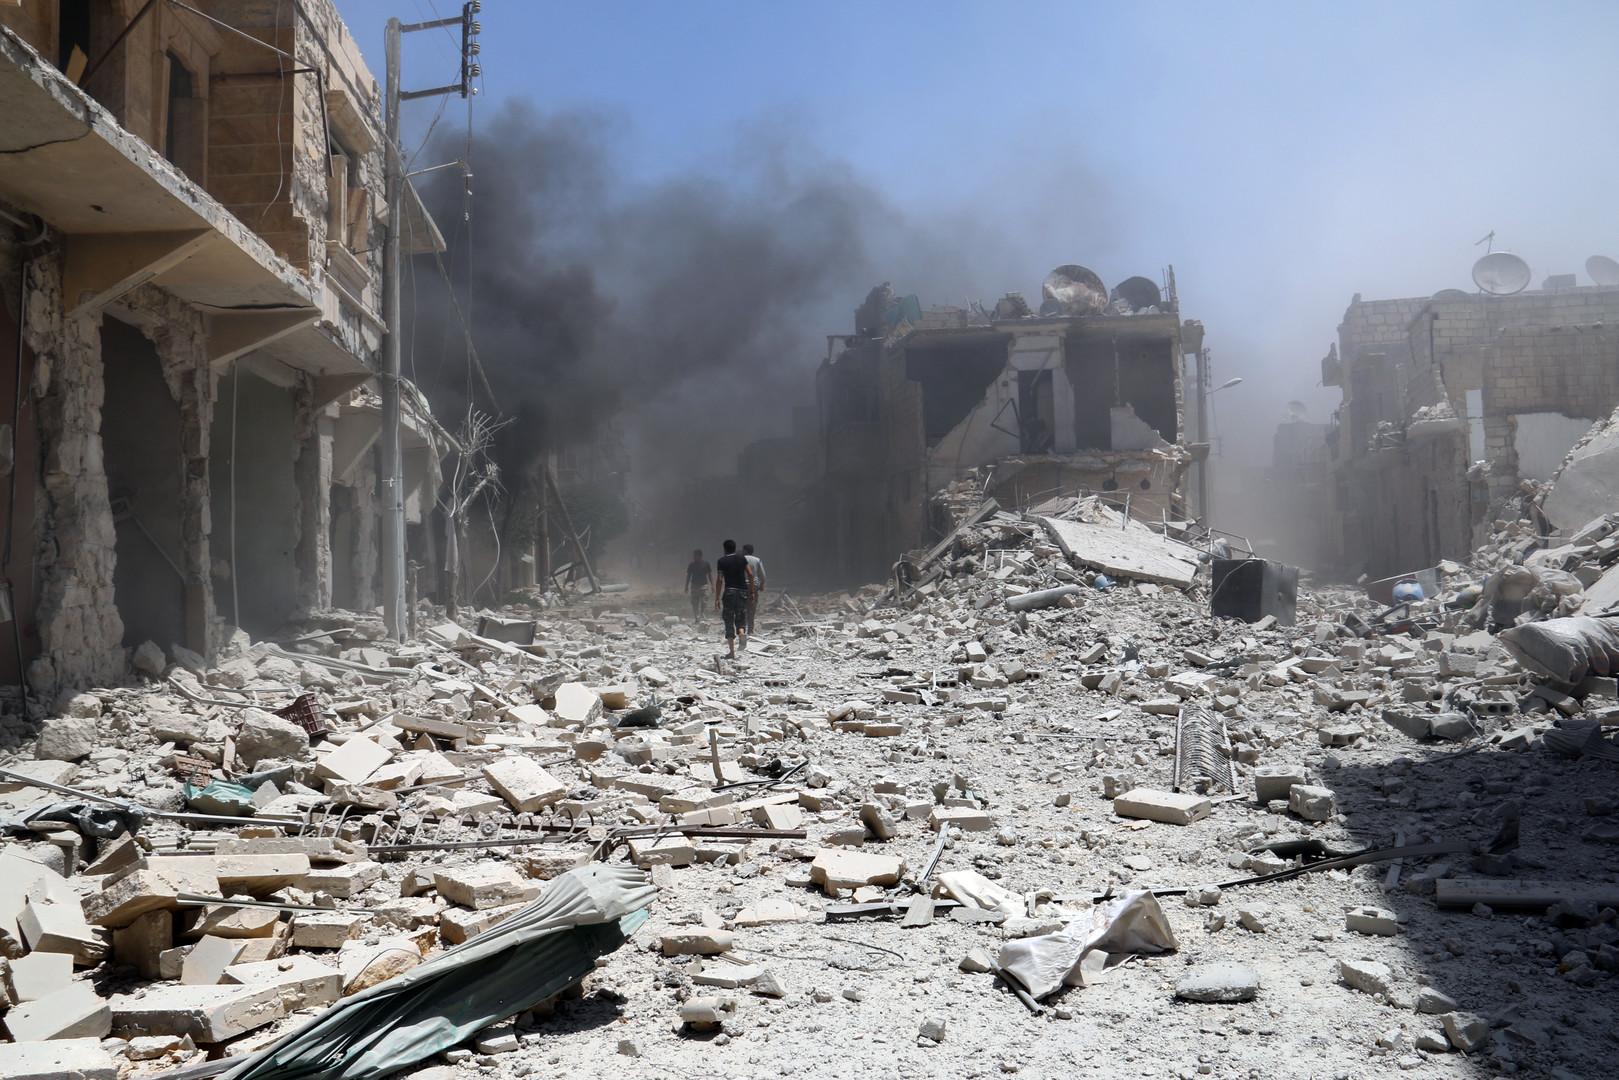 «Ошибки случаются»: мировые СМИ об авиаударе США в Сирии